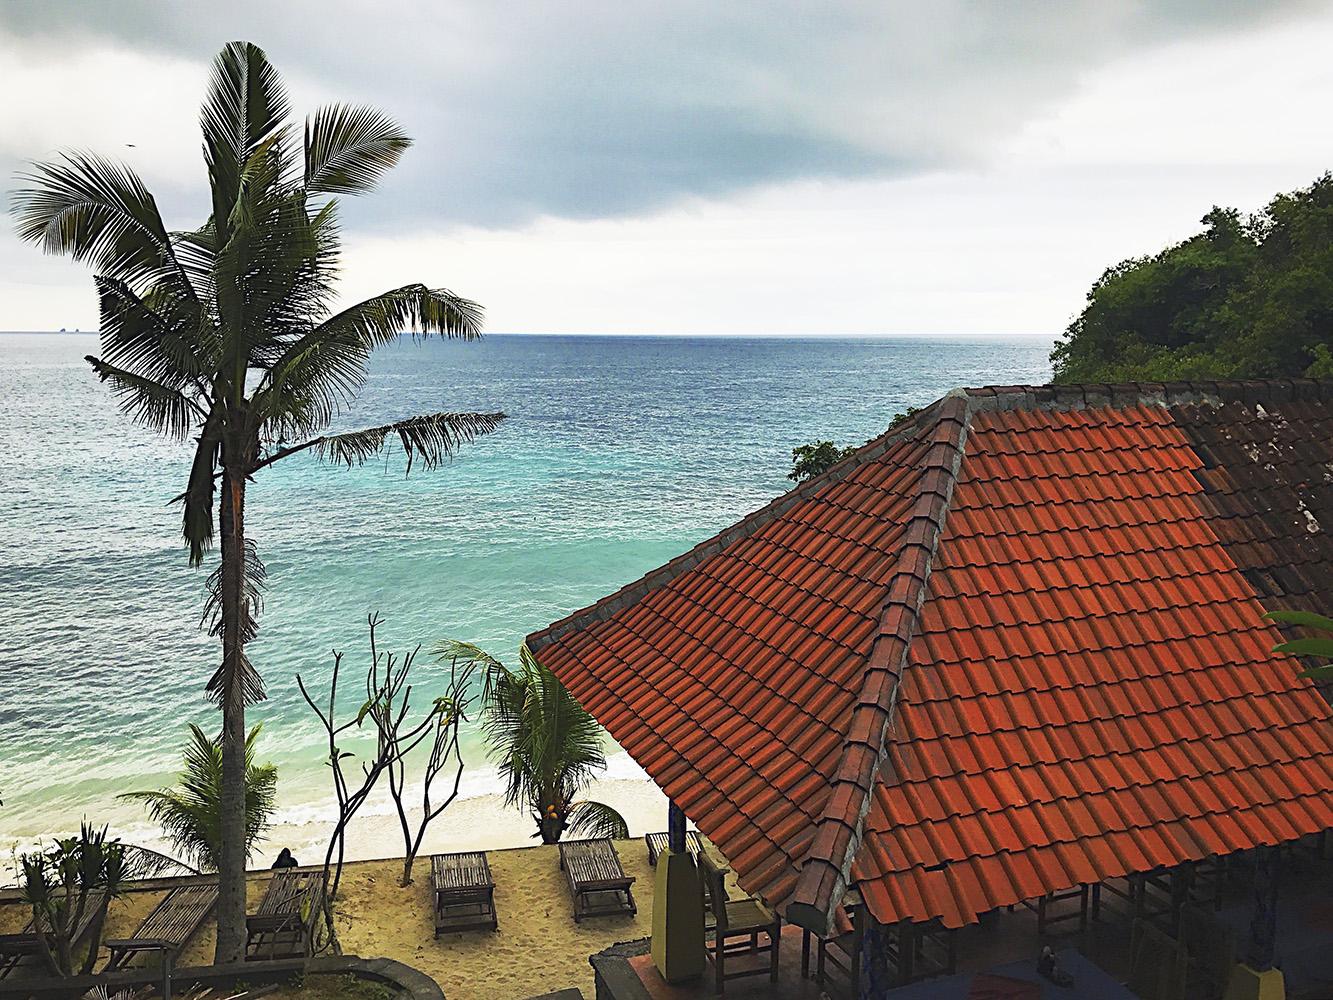 Bali – Blue Lagoon Beach